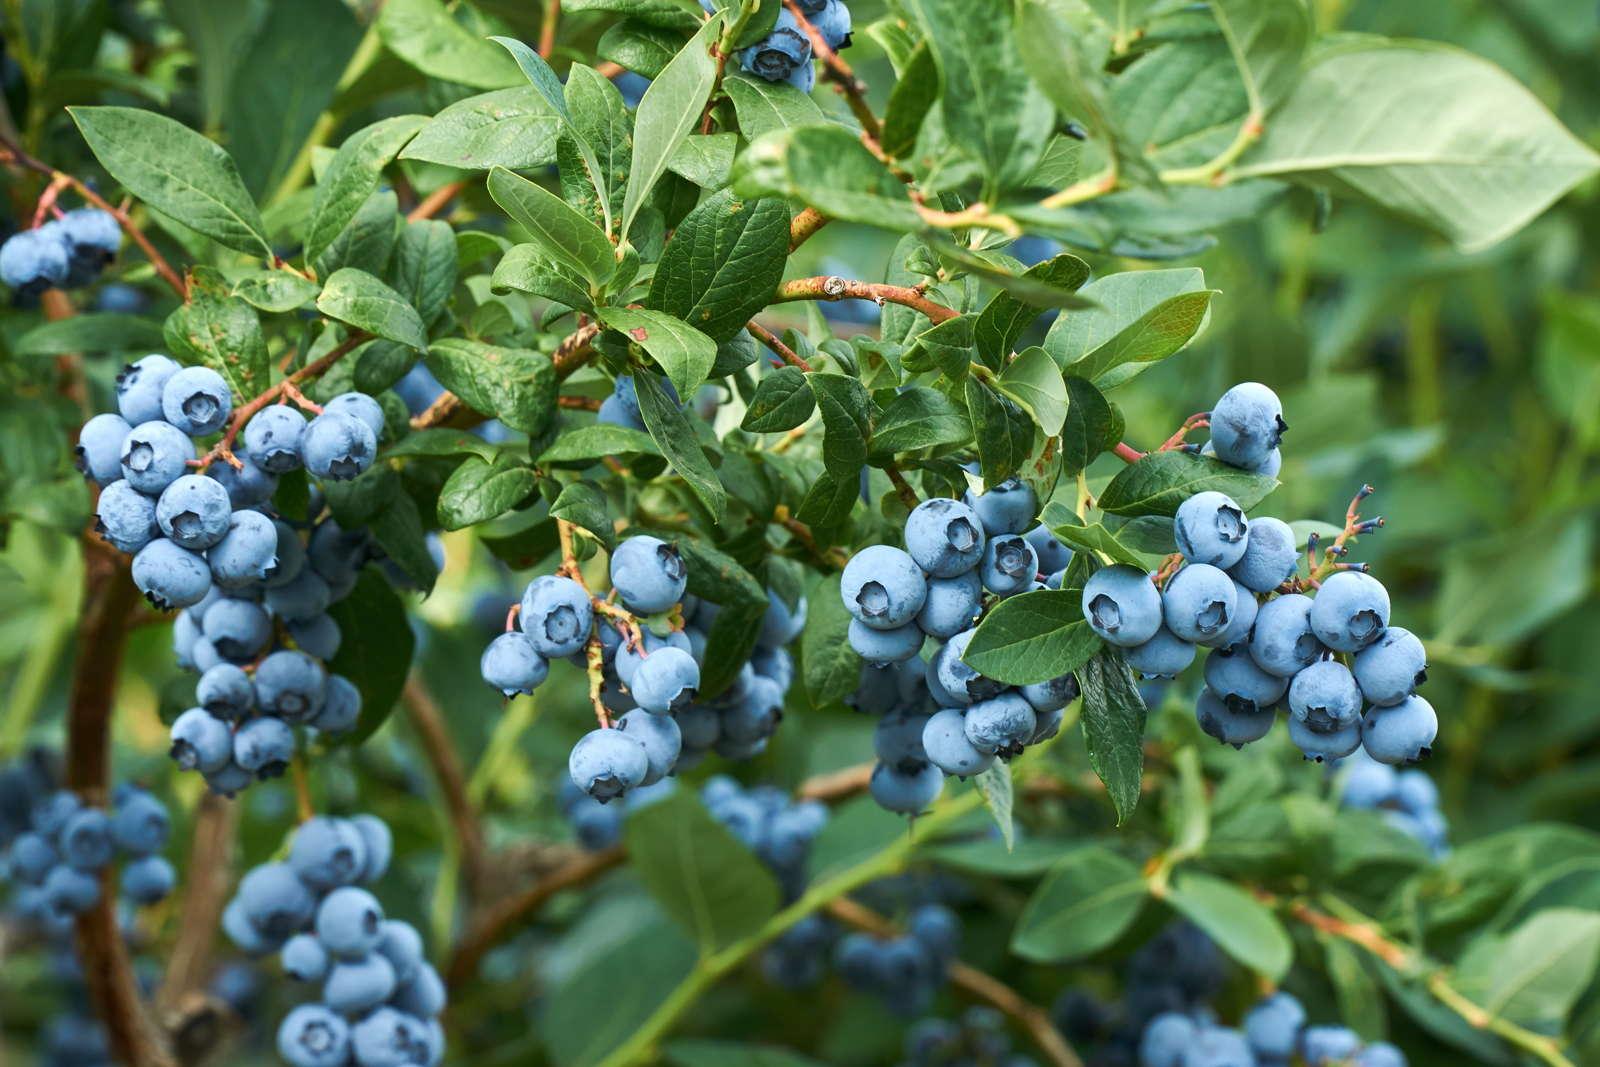 Heidelbeeren Blaubeeren Vermehren Erfolgreiche Profi Tipps Plantura